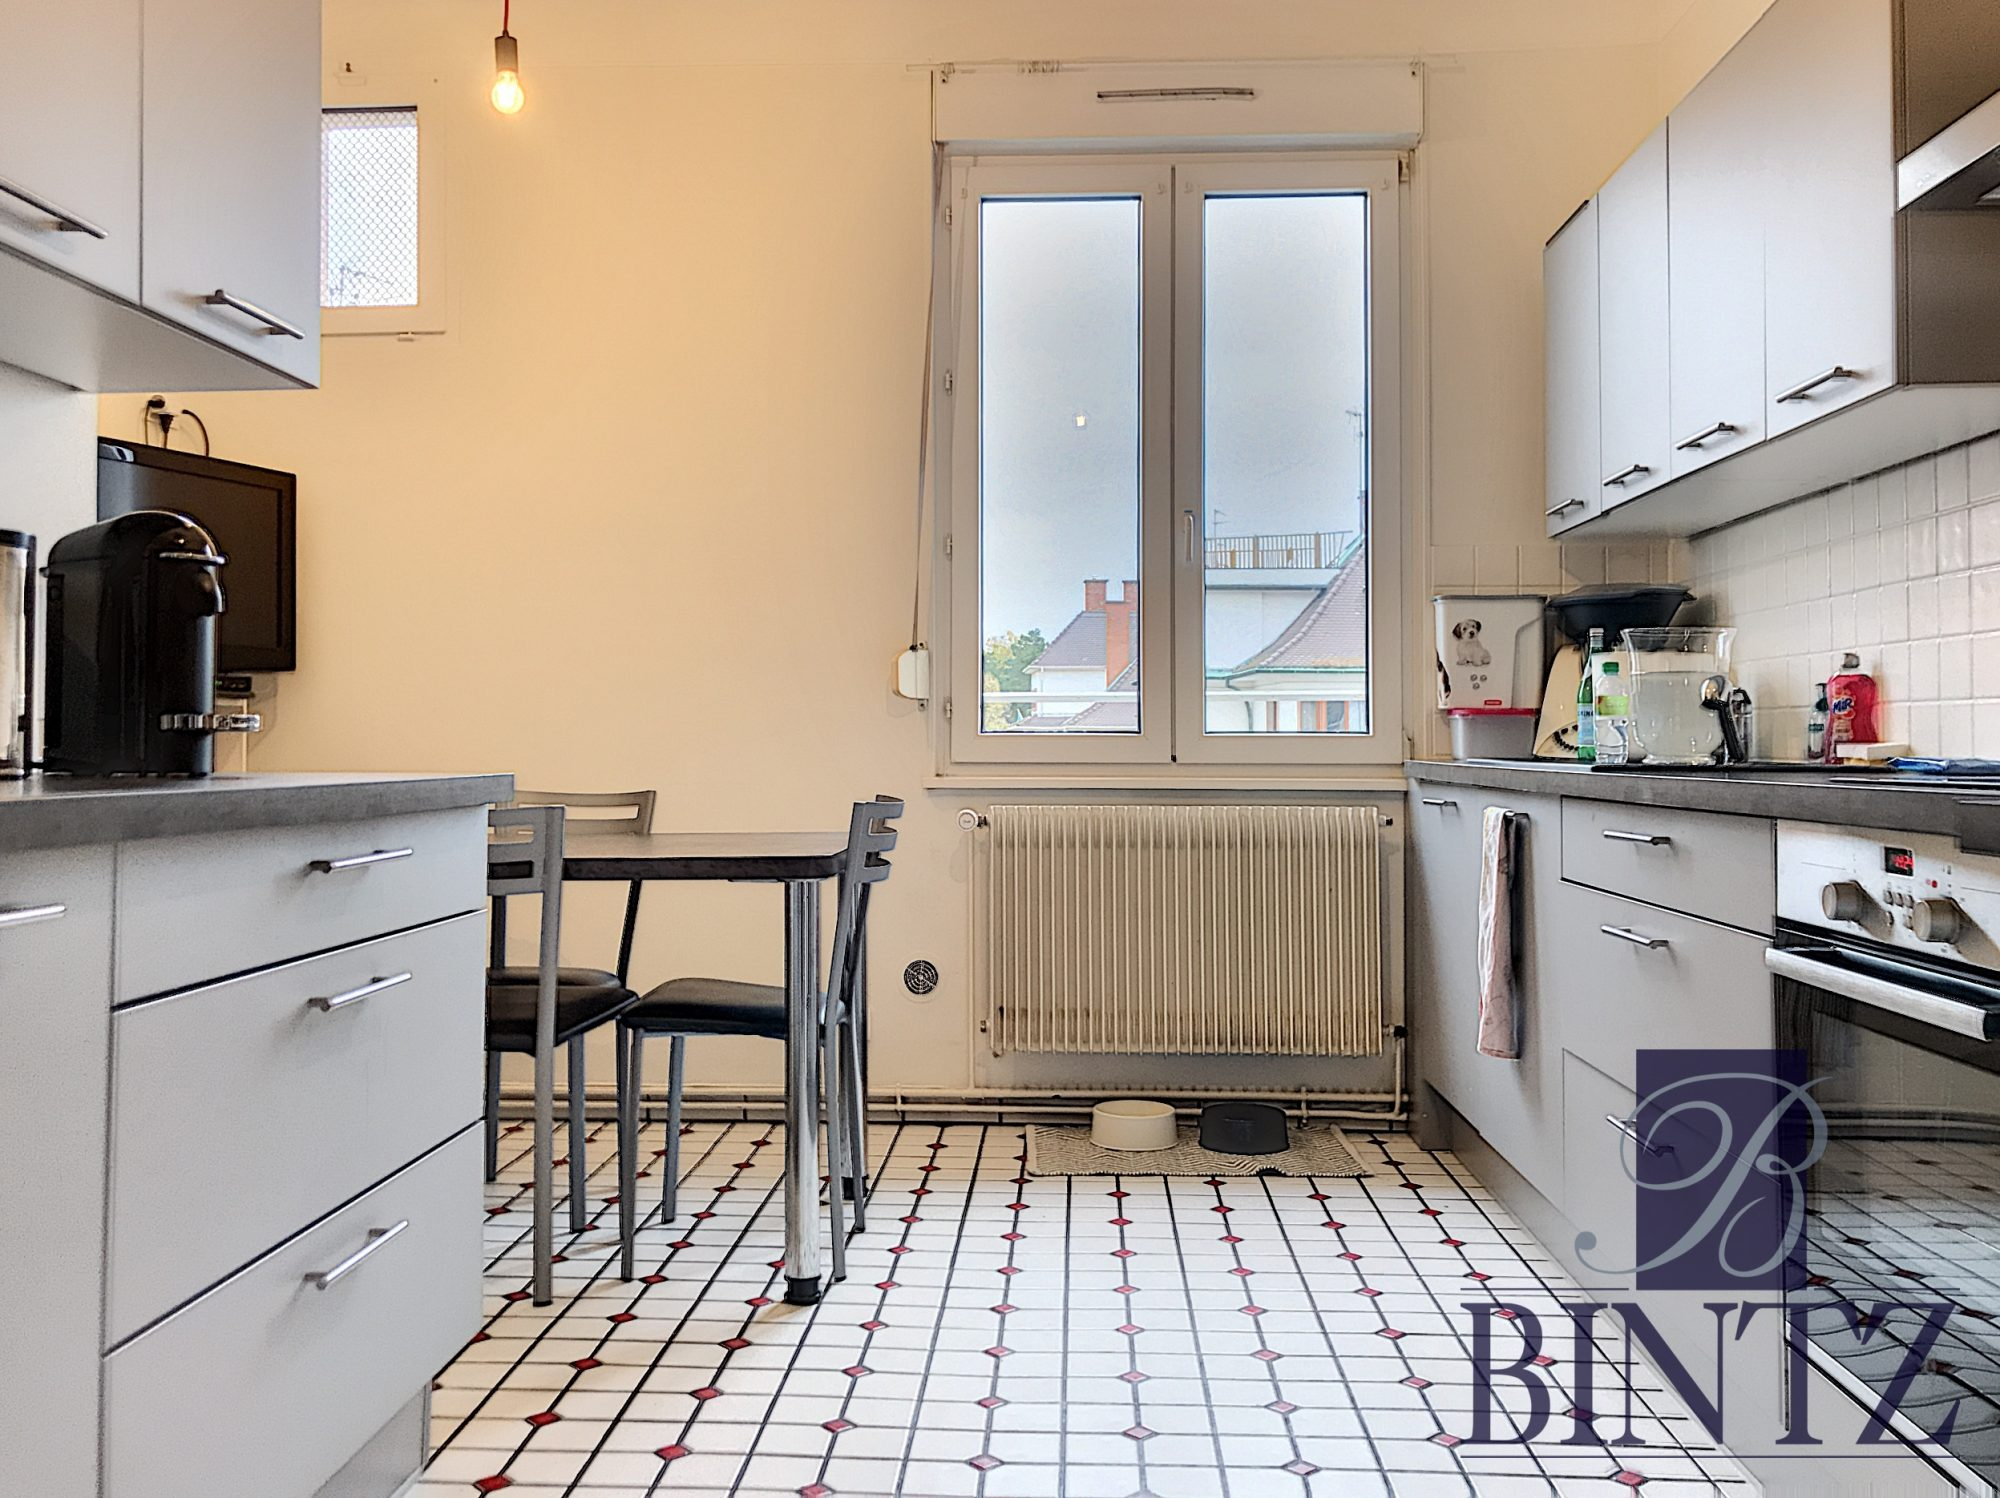 Très beau 8 pièces à l'Orangerie - Devenez locataire en toute sérénité - Bintz Immobilier - 3